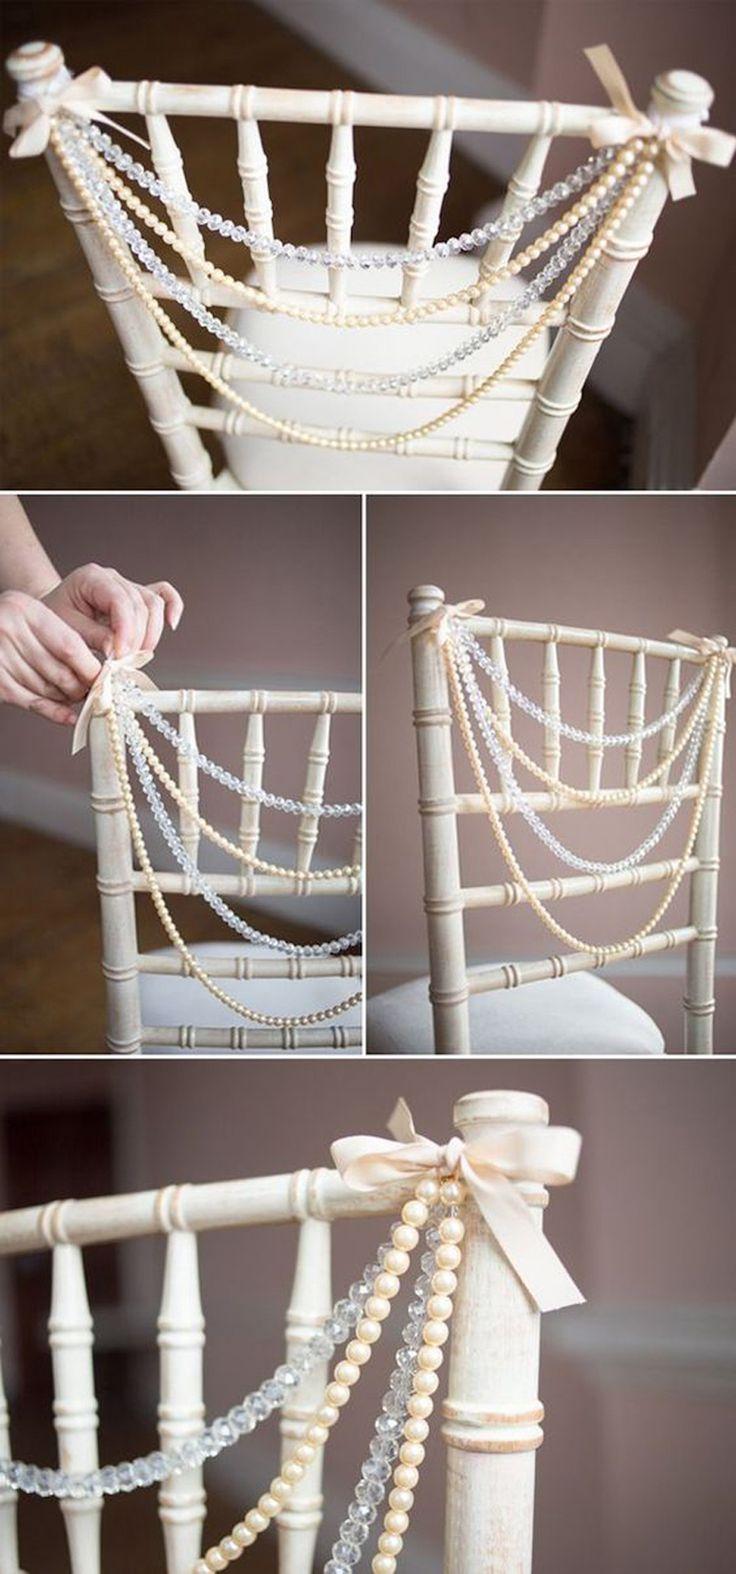 les 25 meilleures id es concernant chaises de mariage sur pinterest chaise de mariage. Black Bedroom Furniture Sets. Home Design Ideas